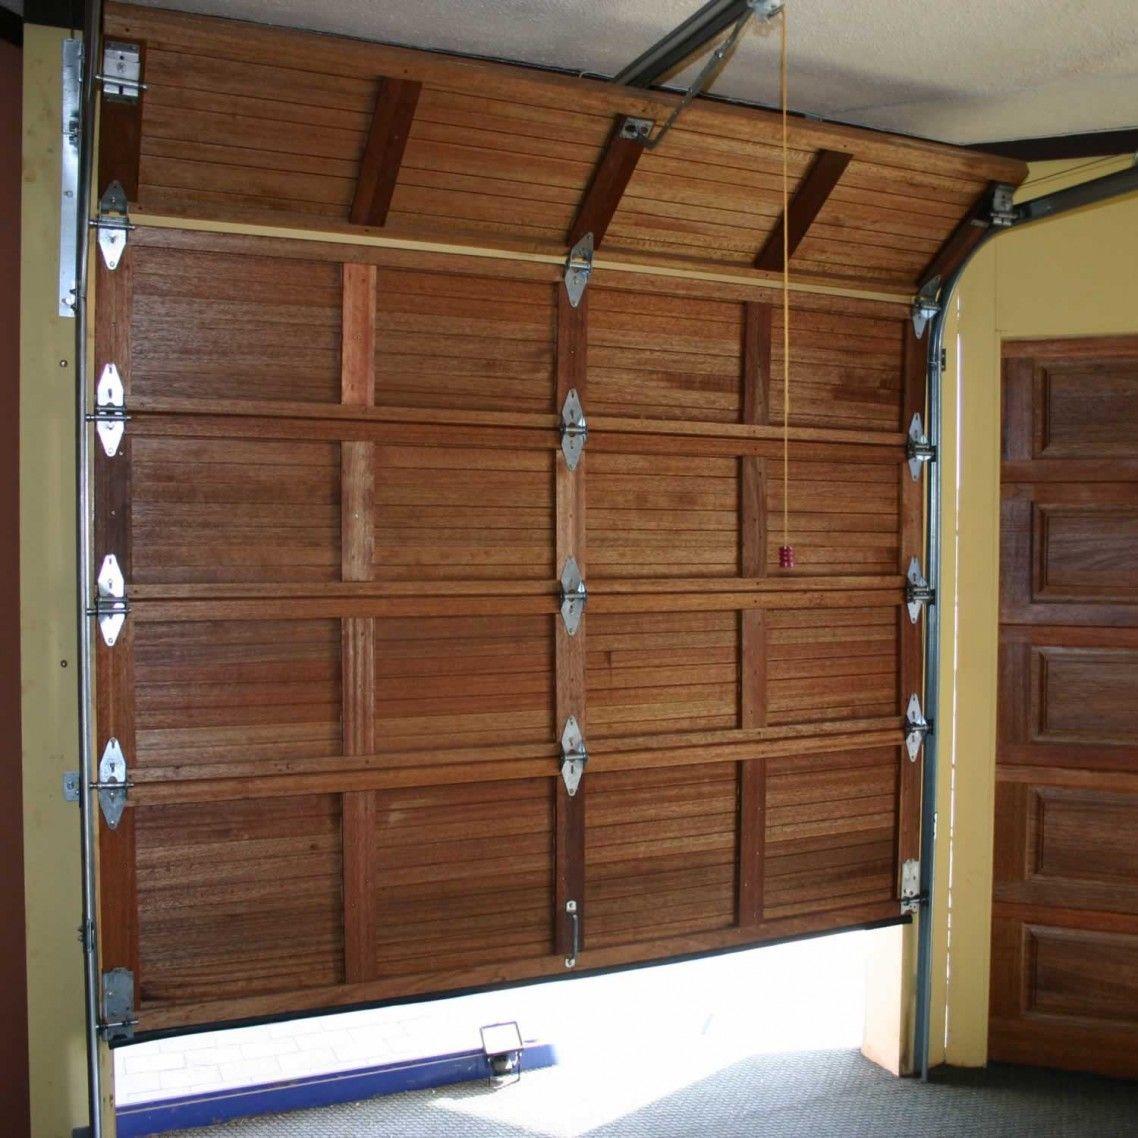 How to build a garage door new as garage door springs on lowes how to build a garage door new as garage door springs on lowes garage doors rubansaba